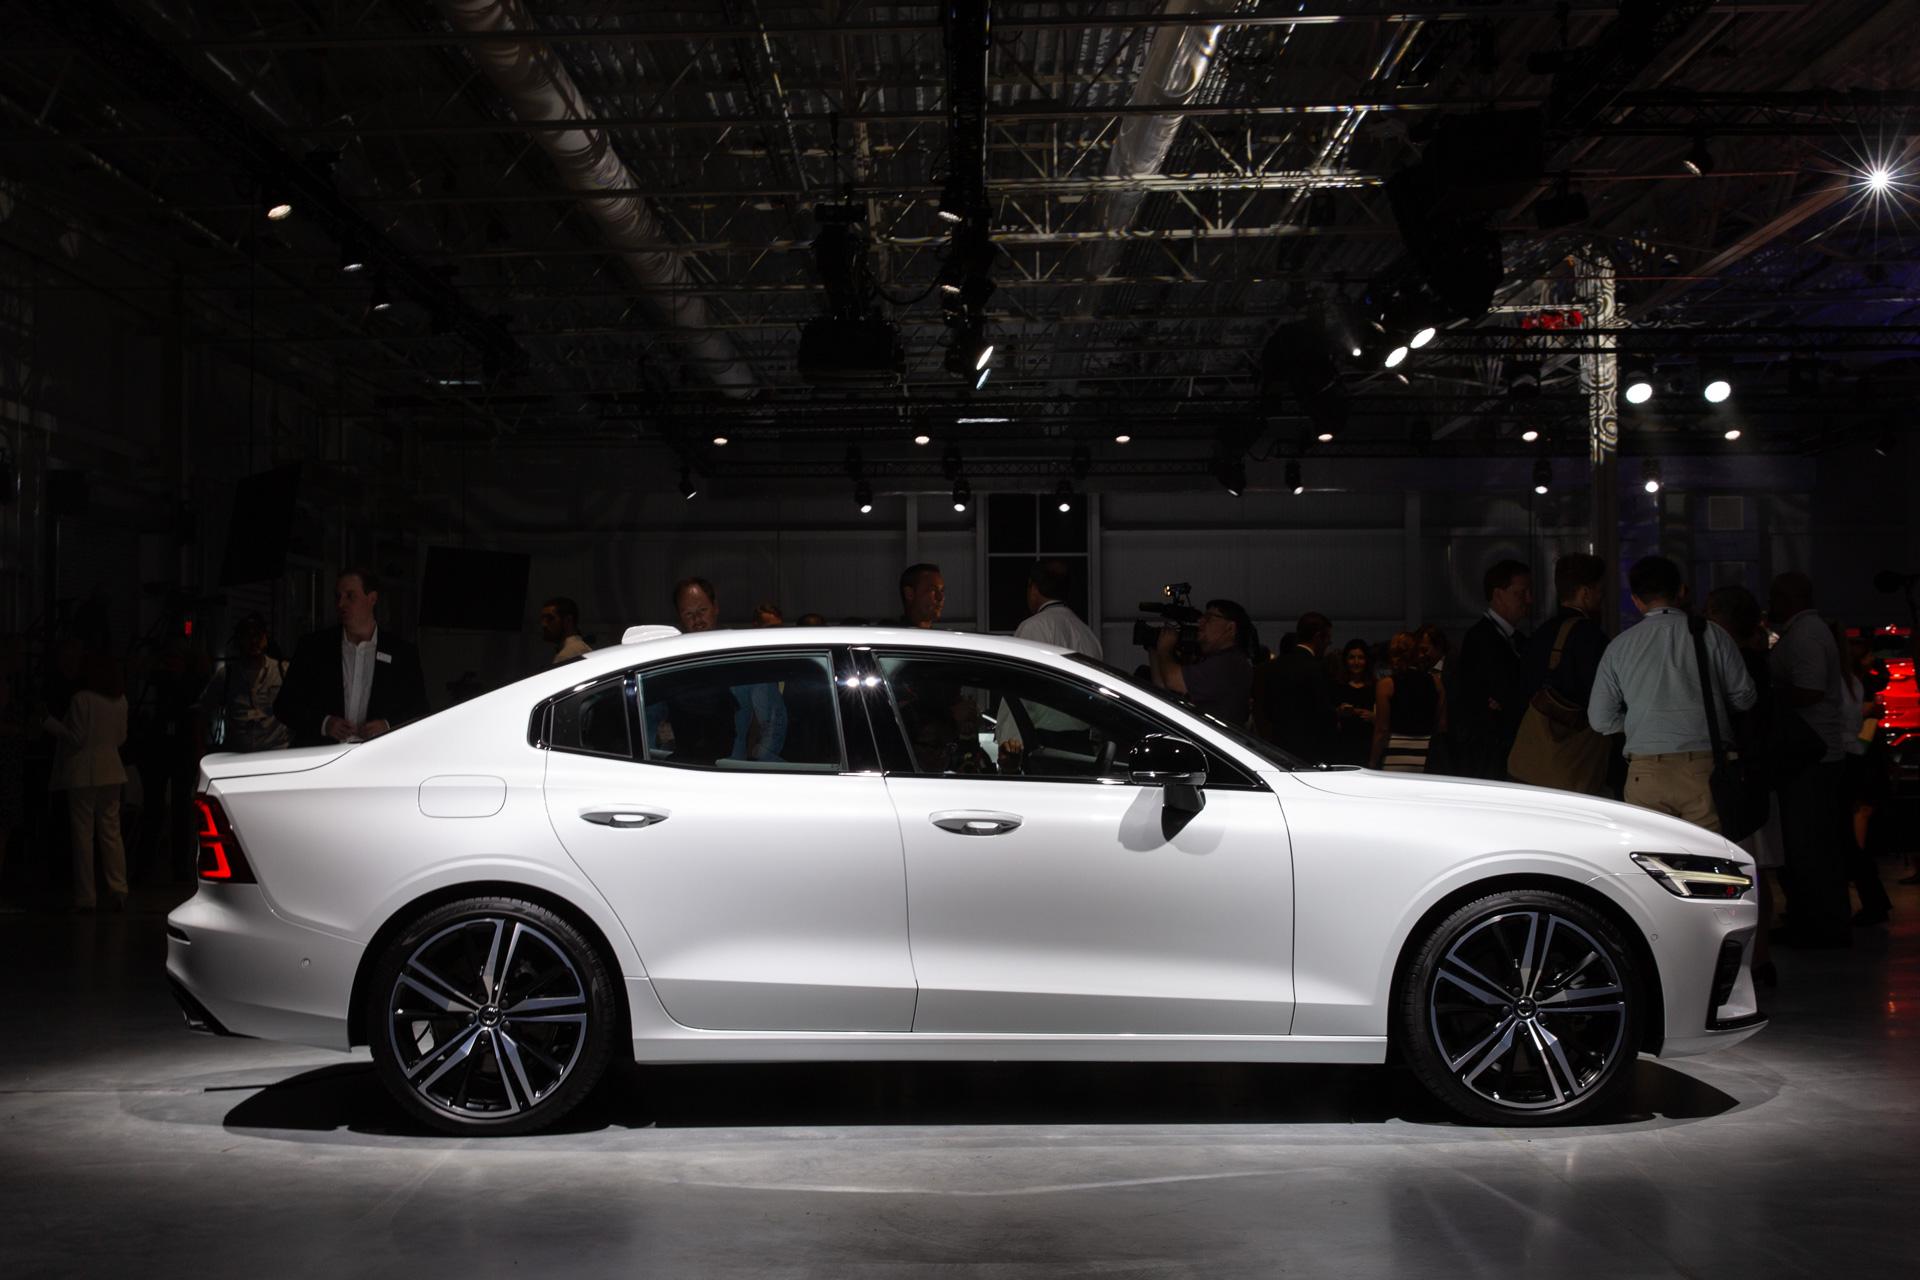 2019 Volvo S60 Luxury Sedan First Look Carolina On Its Mind